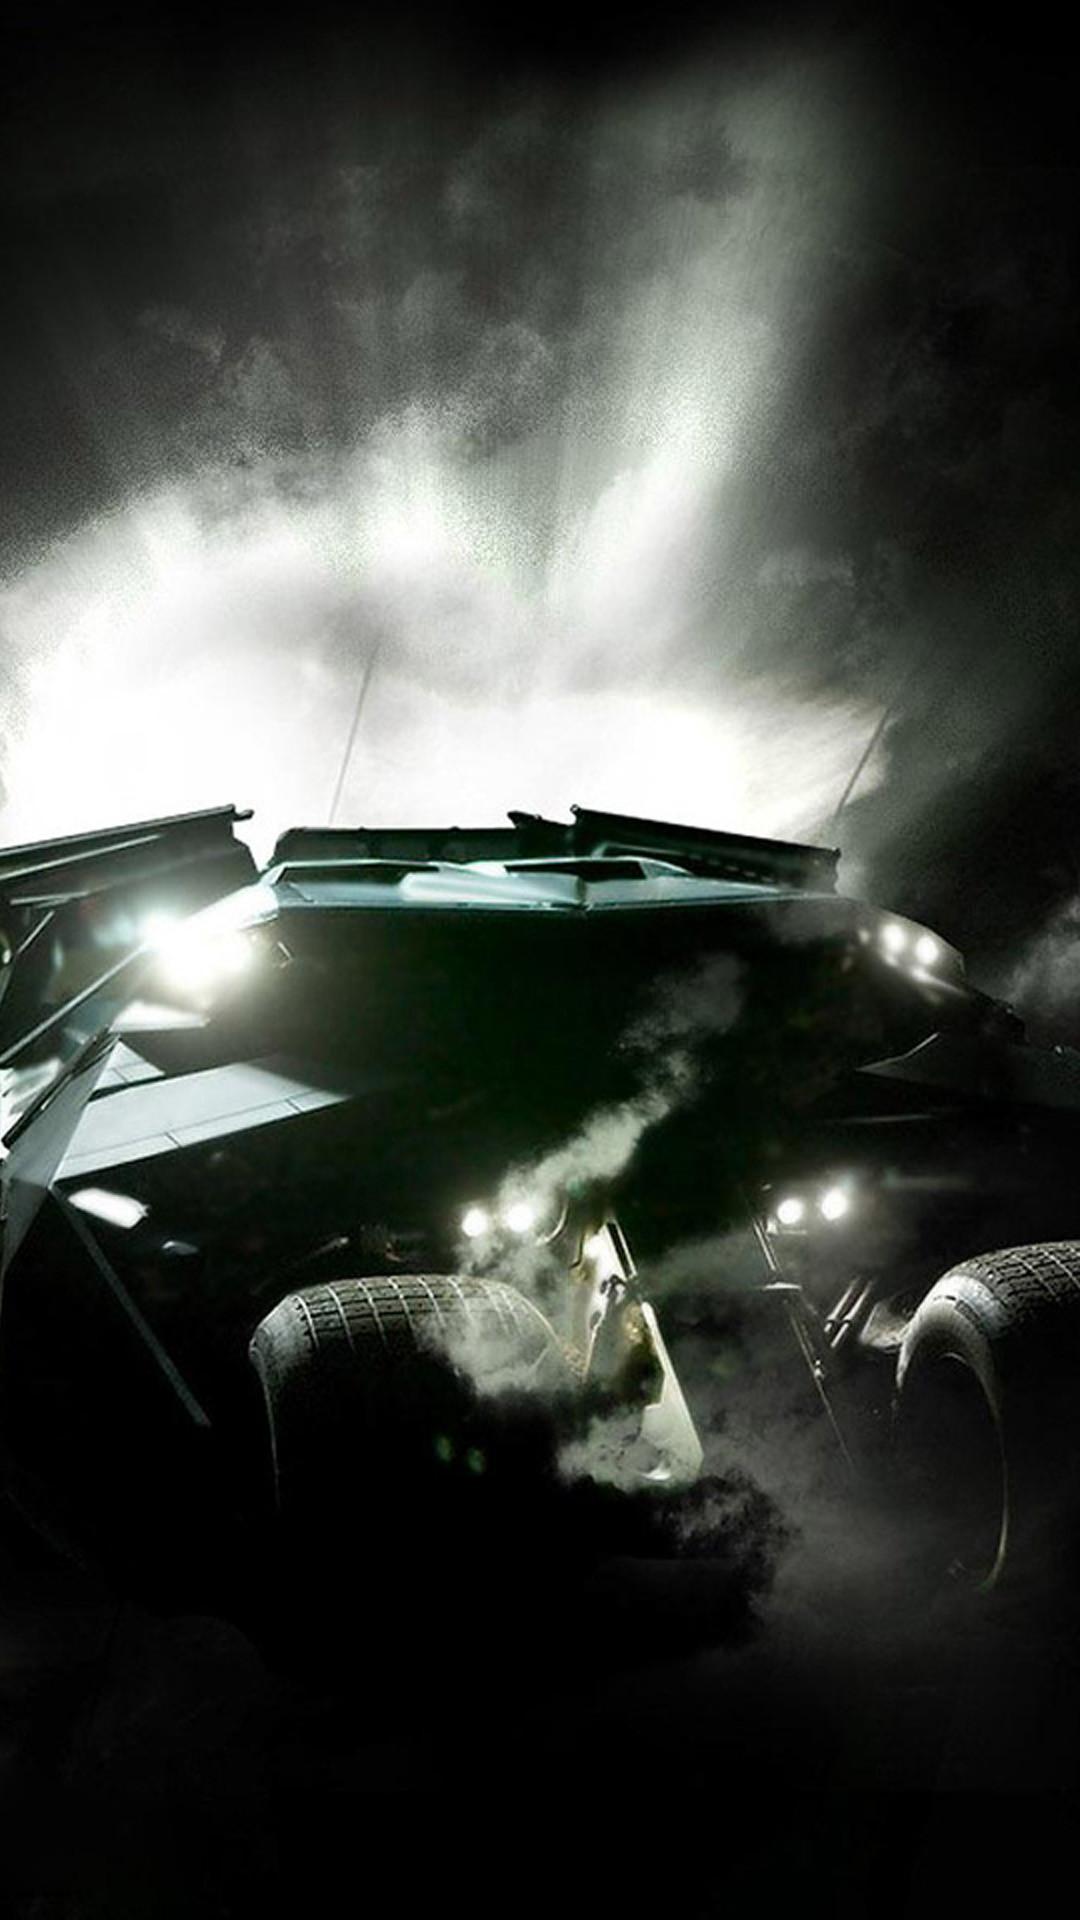 Res: 1080x1920, iPhone 6 plus Batman car Games wallpaper.